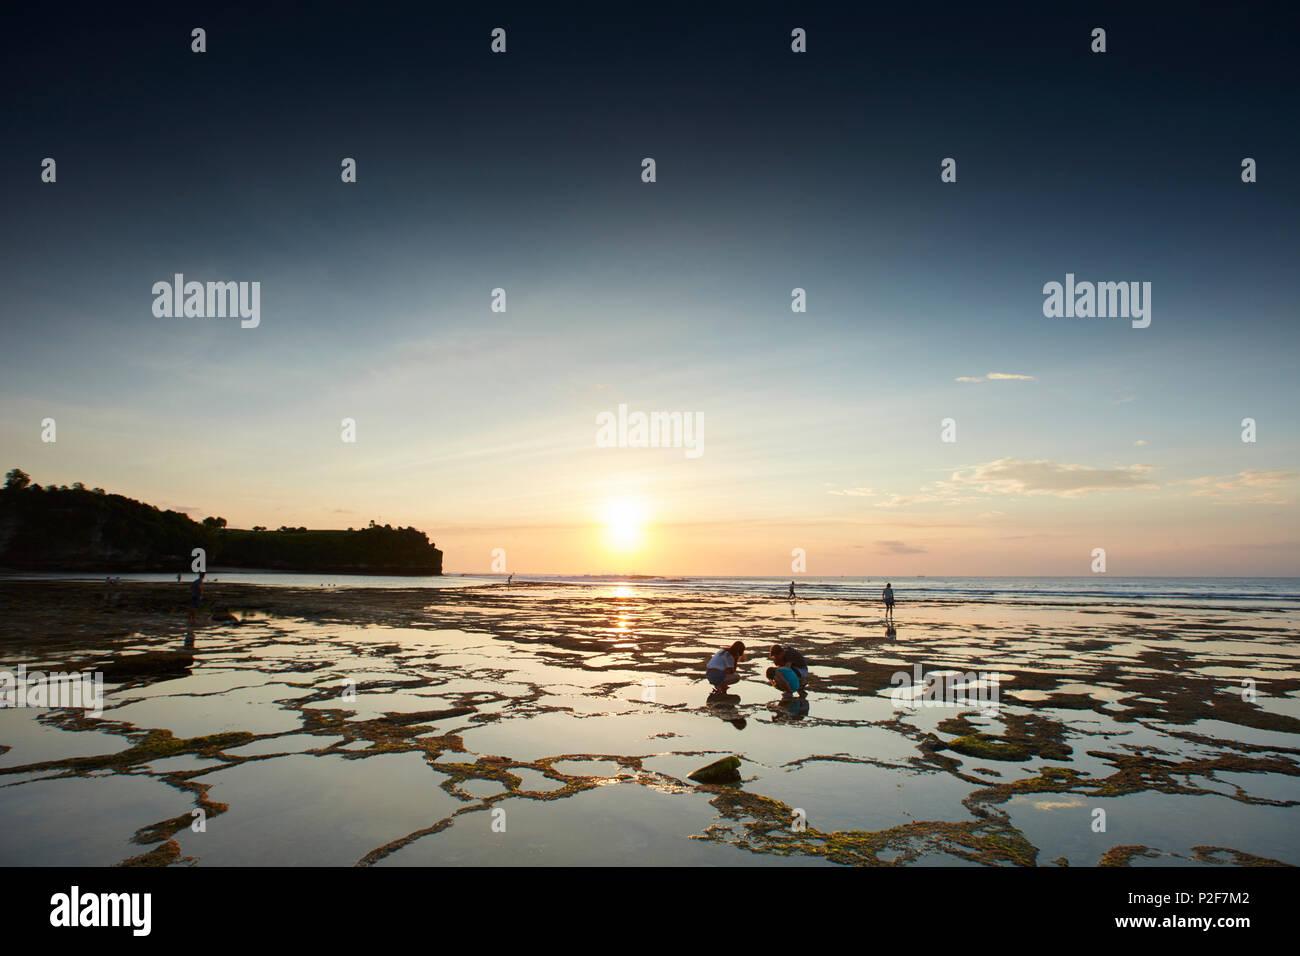 Plage à marée basse, Balangan, Bali, Indonésie Photo Stock